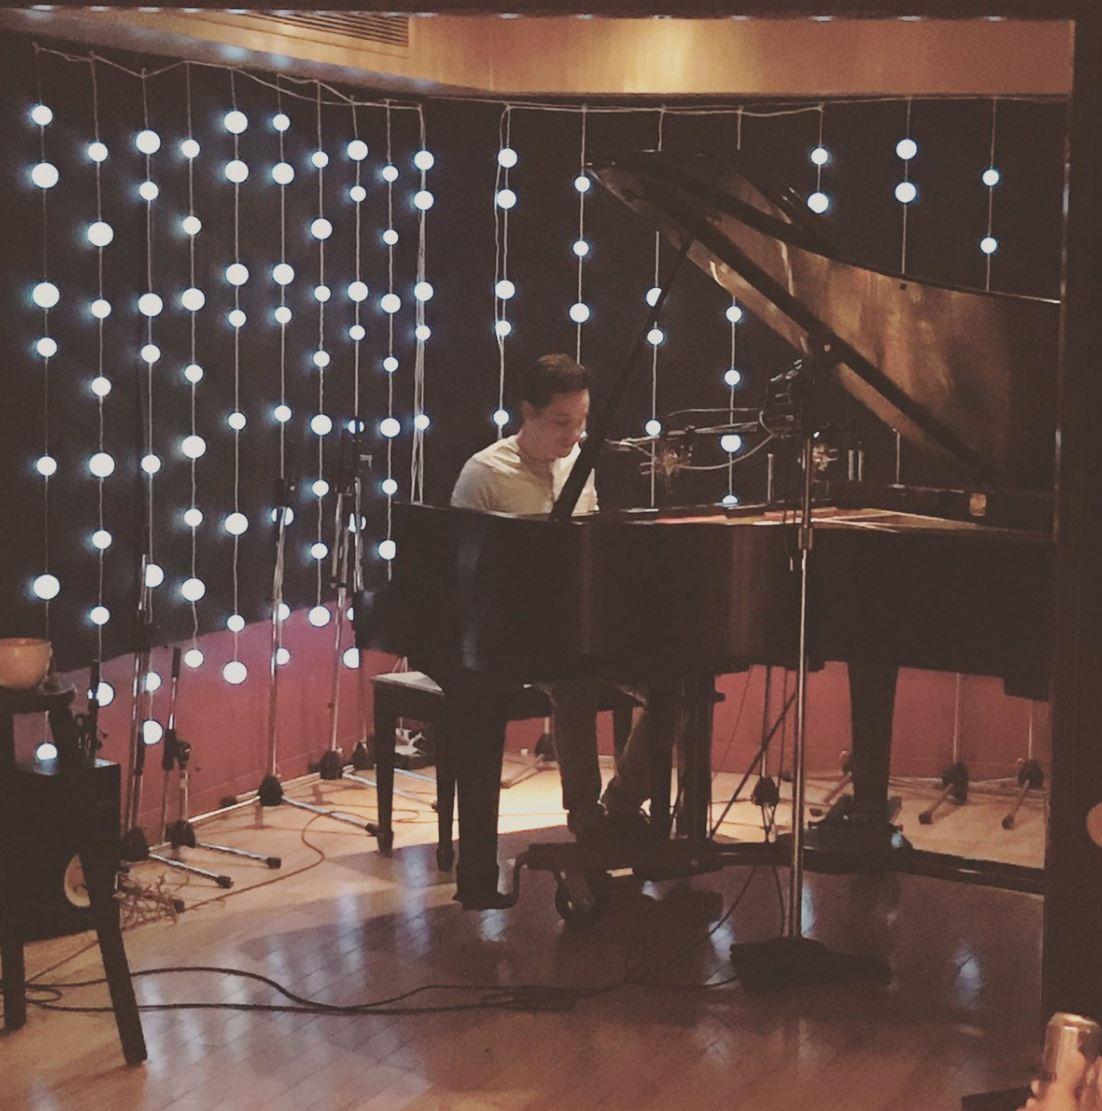 David Archuleta at the piano cymba publishing credit cymbamusic twitter @cymbamusic